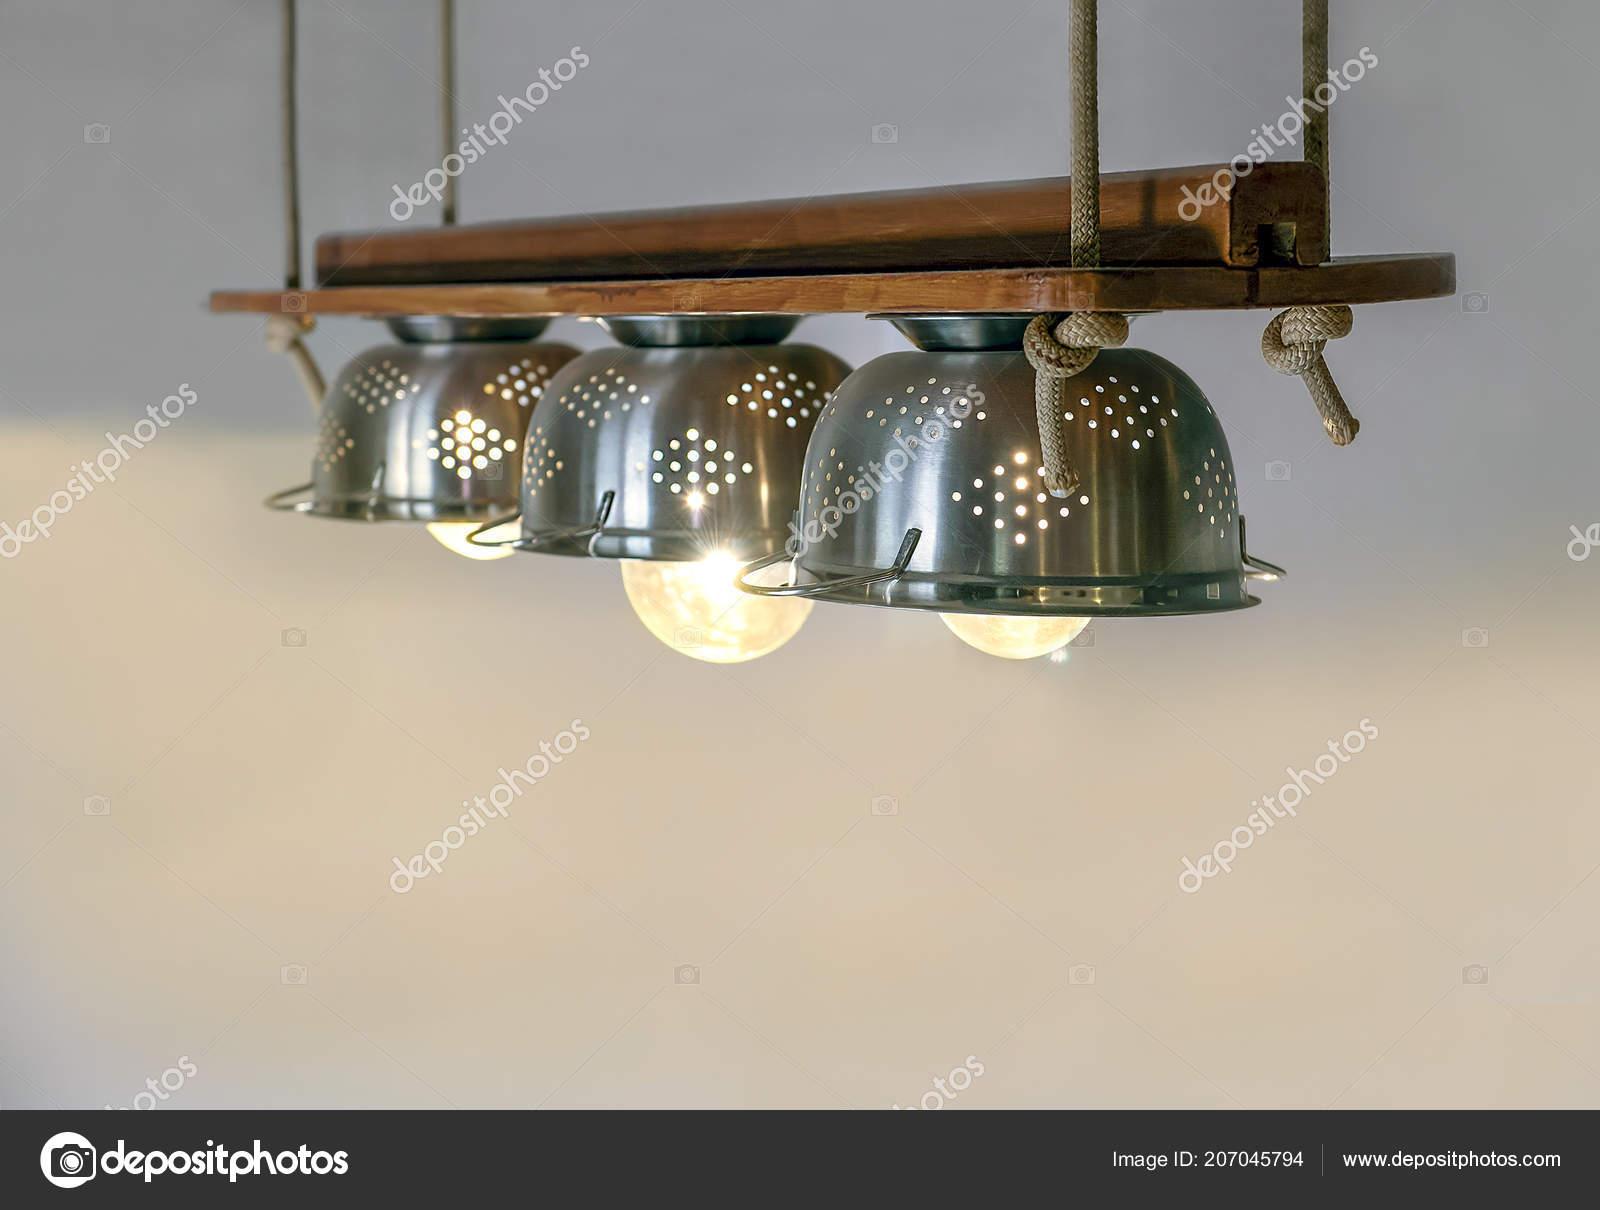 Warmer Beleuchtung Die Sich Aus Lampen Inneren Schone Utensilien